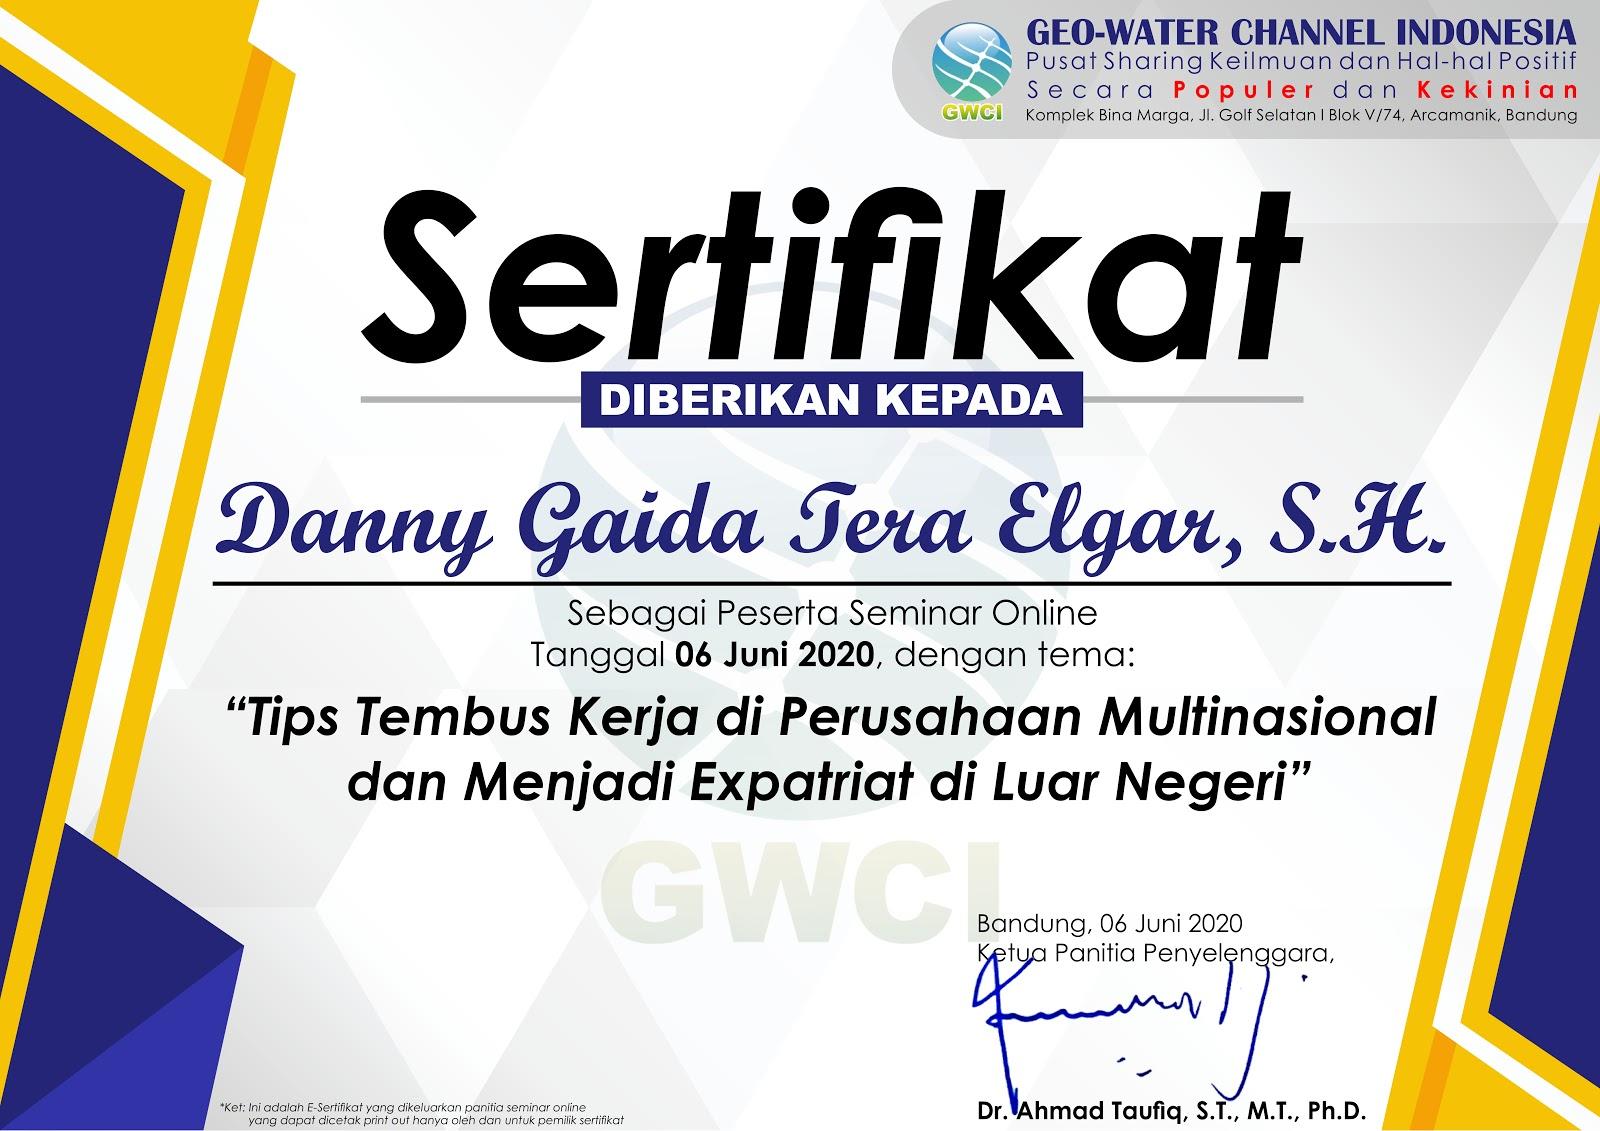 Sertifikat Geo-Water Channel Indonesia (GWCI) | Tips Tembus Kerja di Perusahaan Multinasional dan Menjadi Expatriat di Luar Negeri